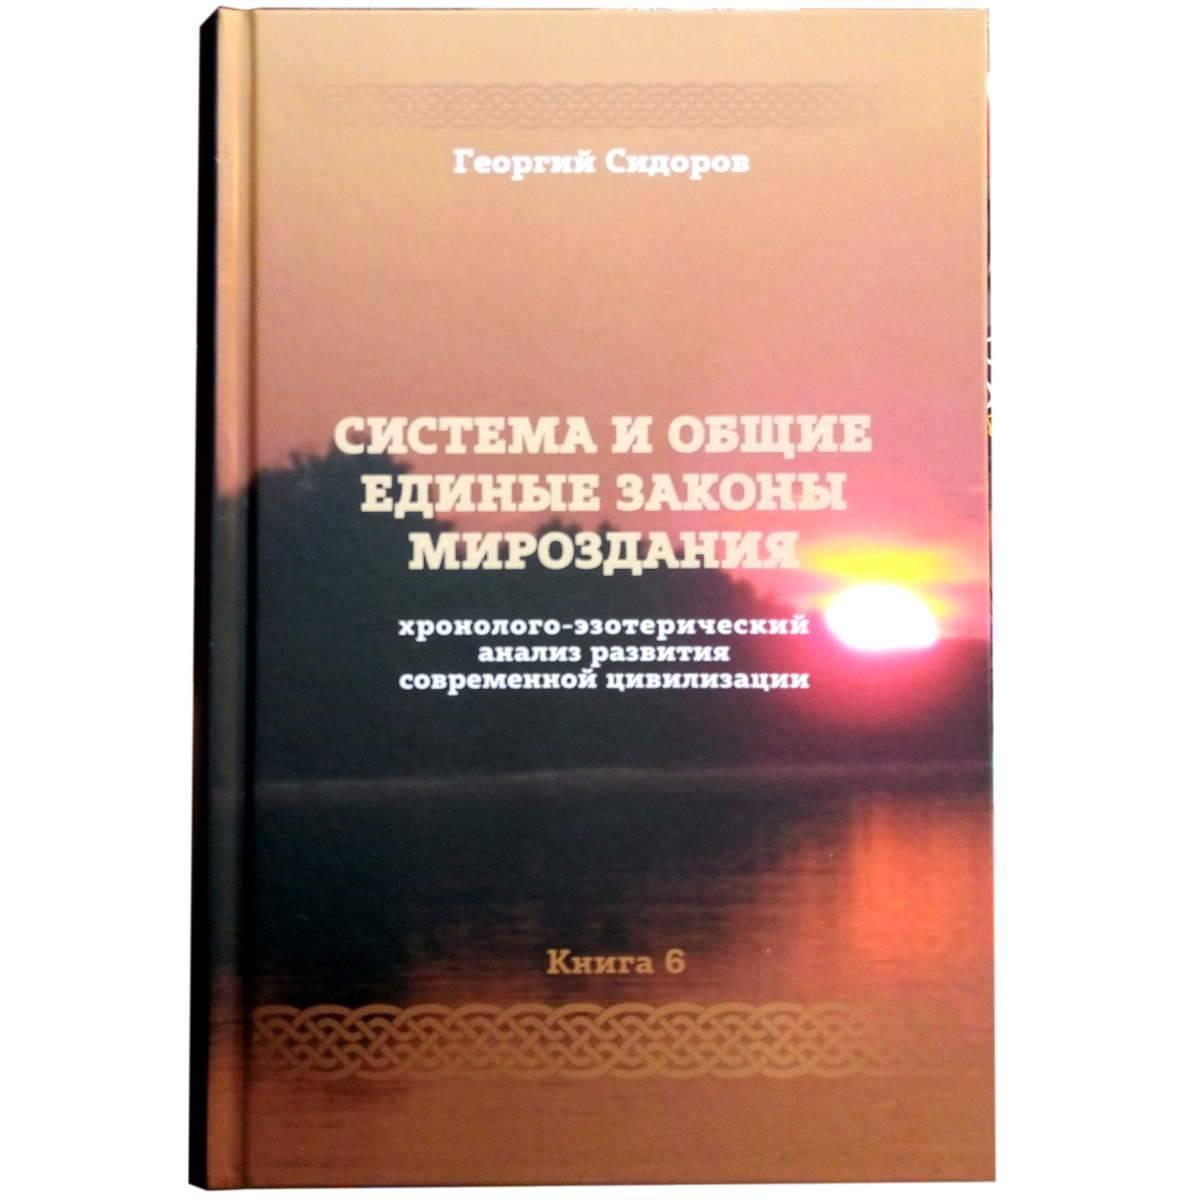 Шестая книга Сидорова